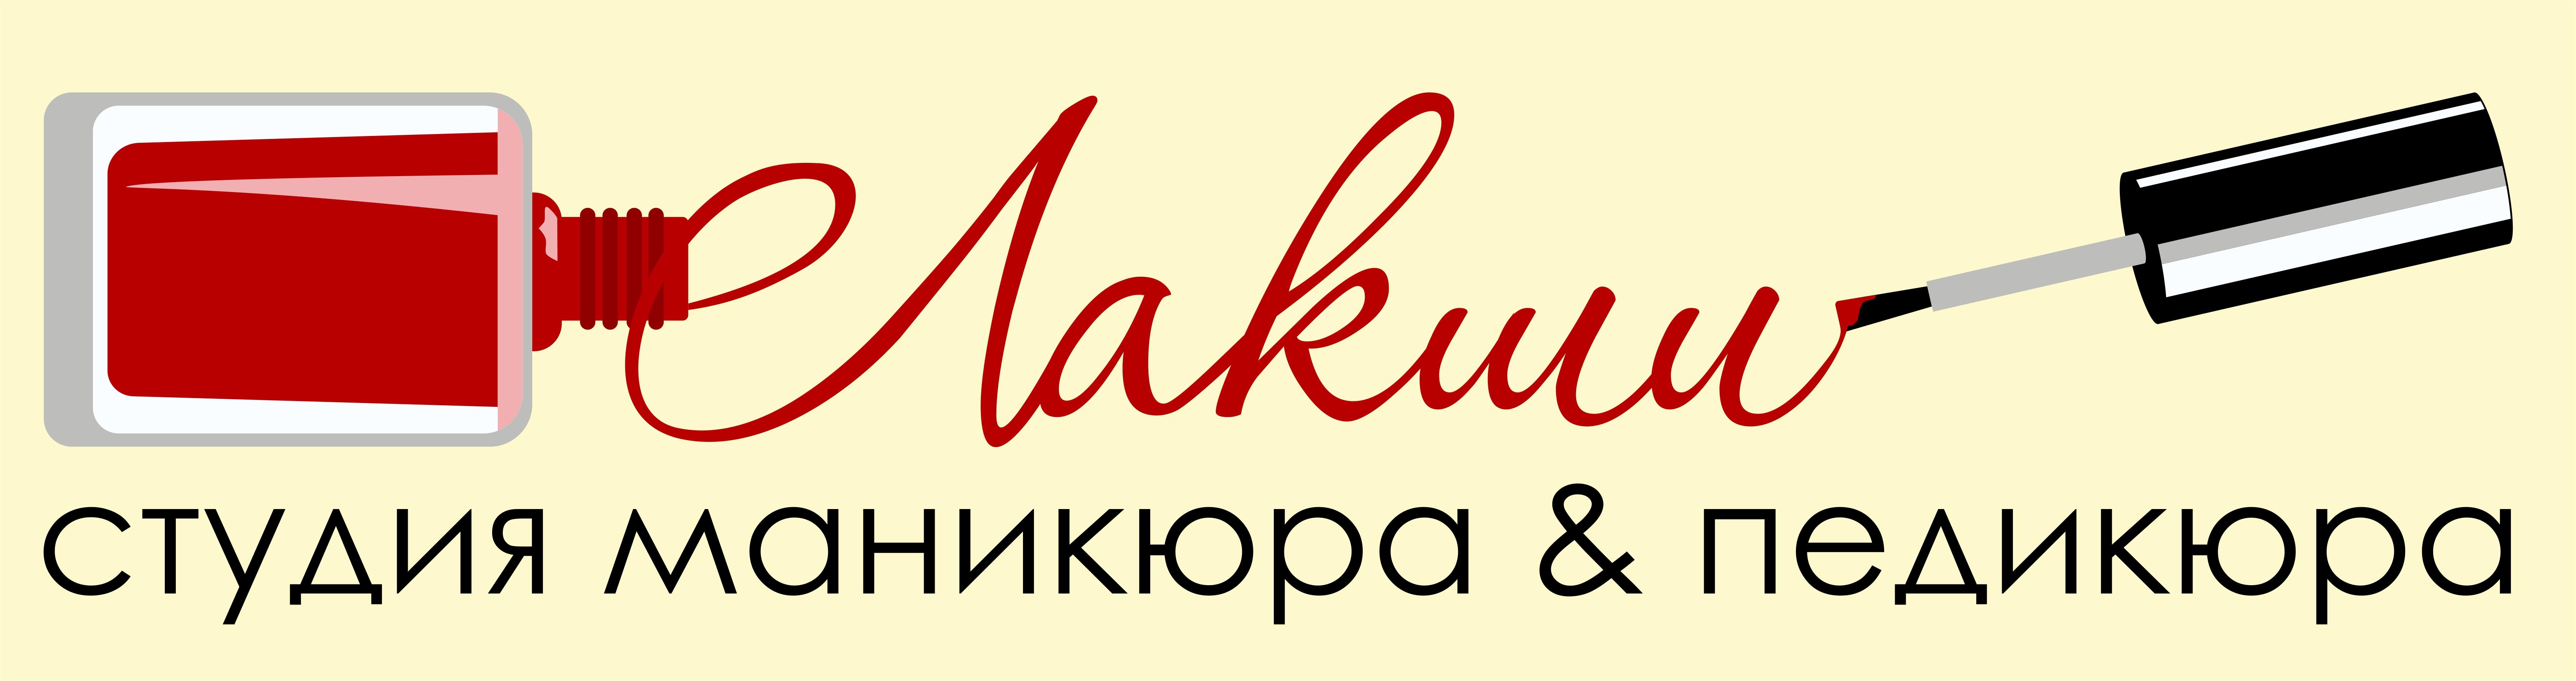 Разработка логотипа фирменного стиля фото f_0745c59e33a012eb.jpg